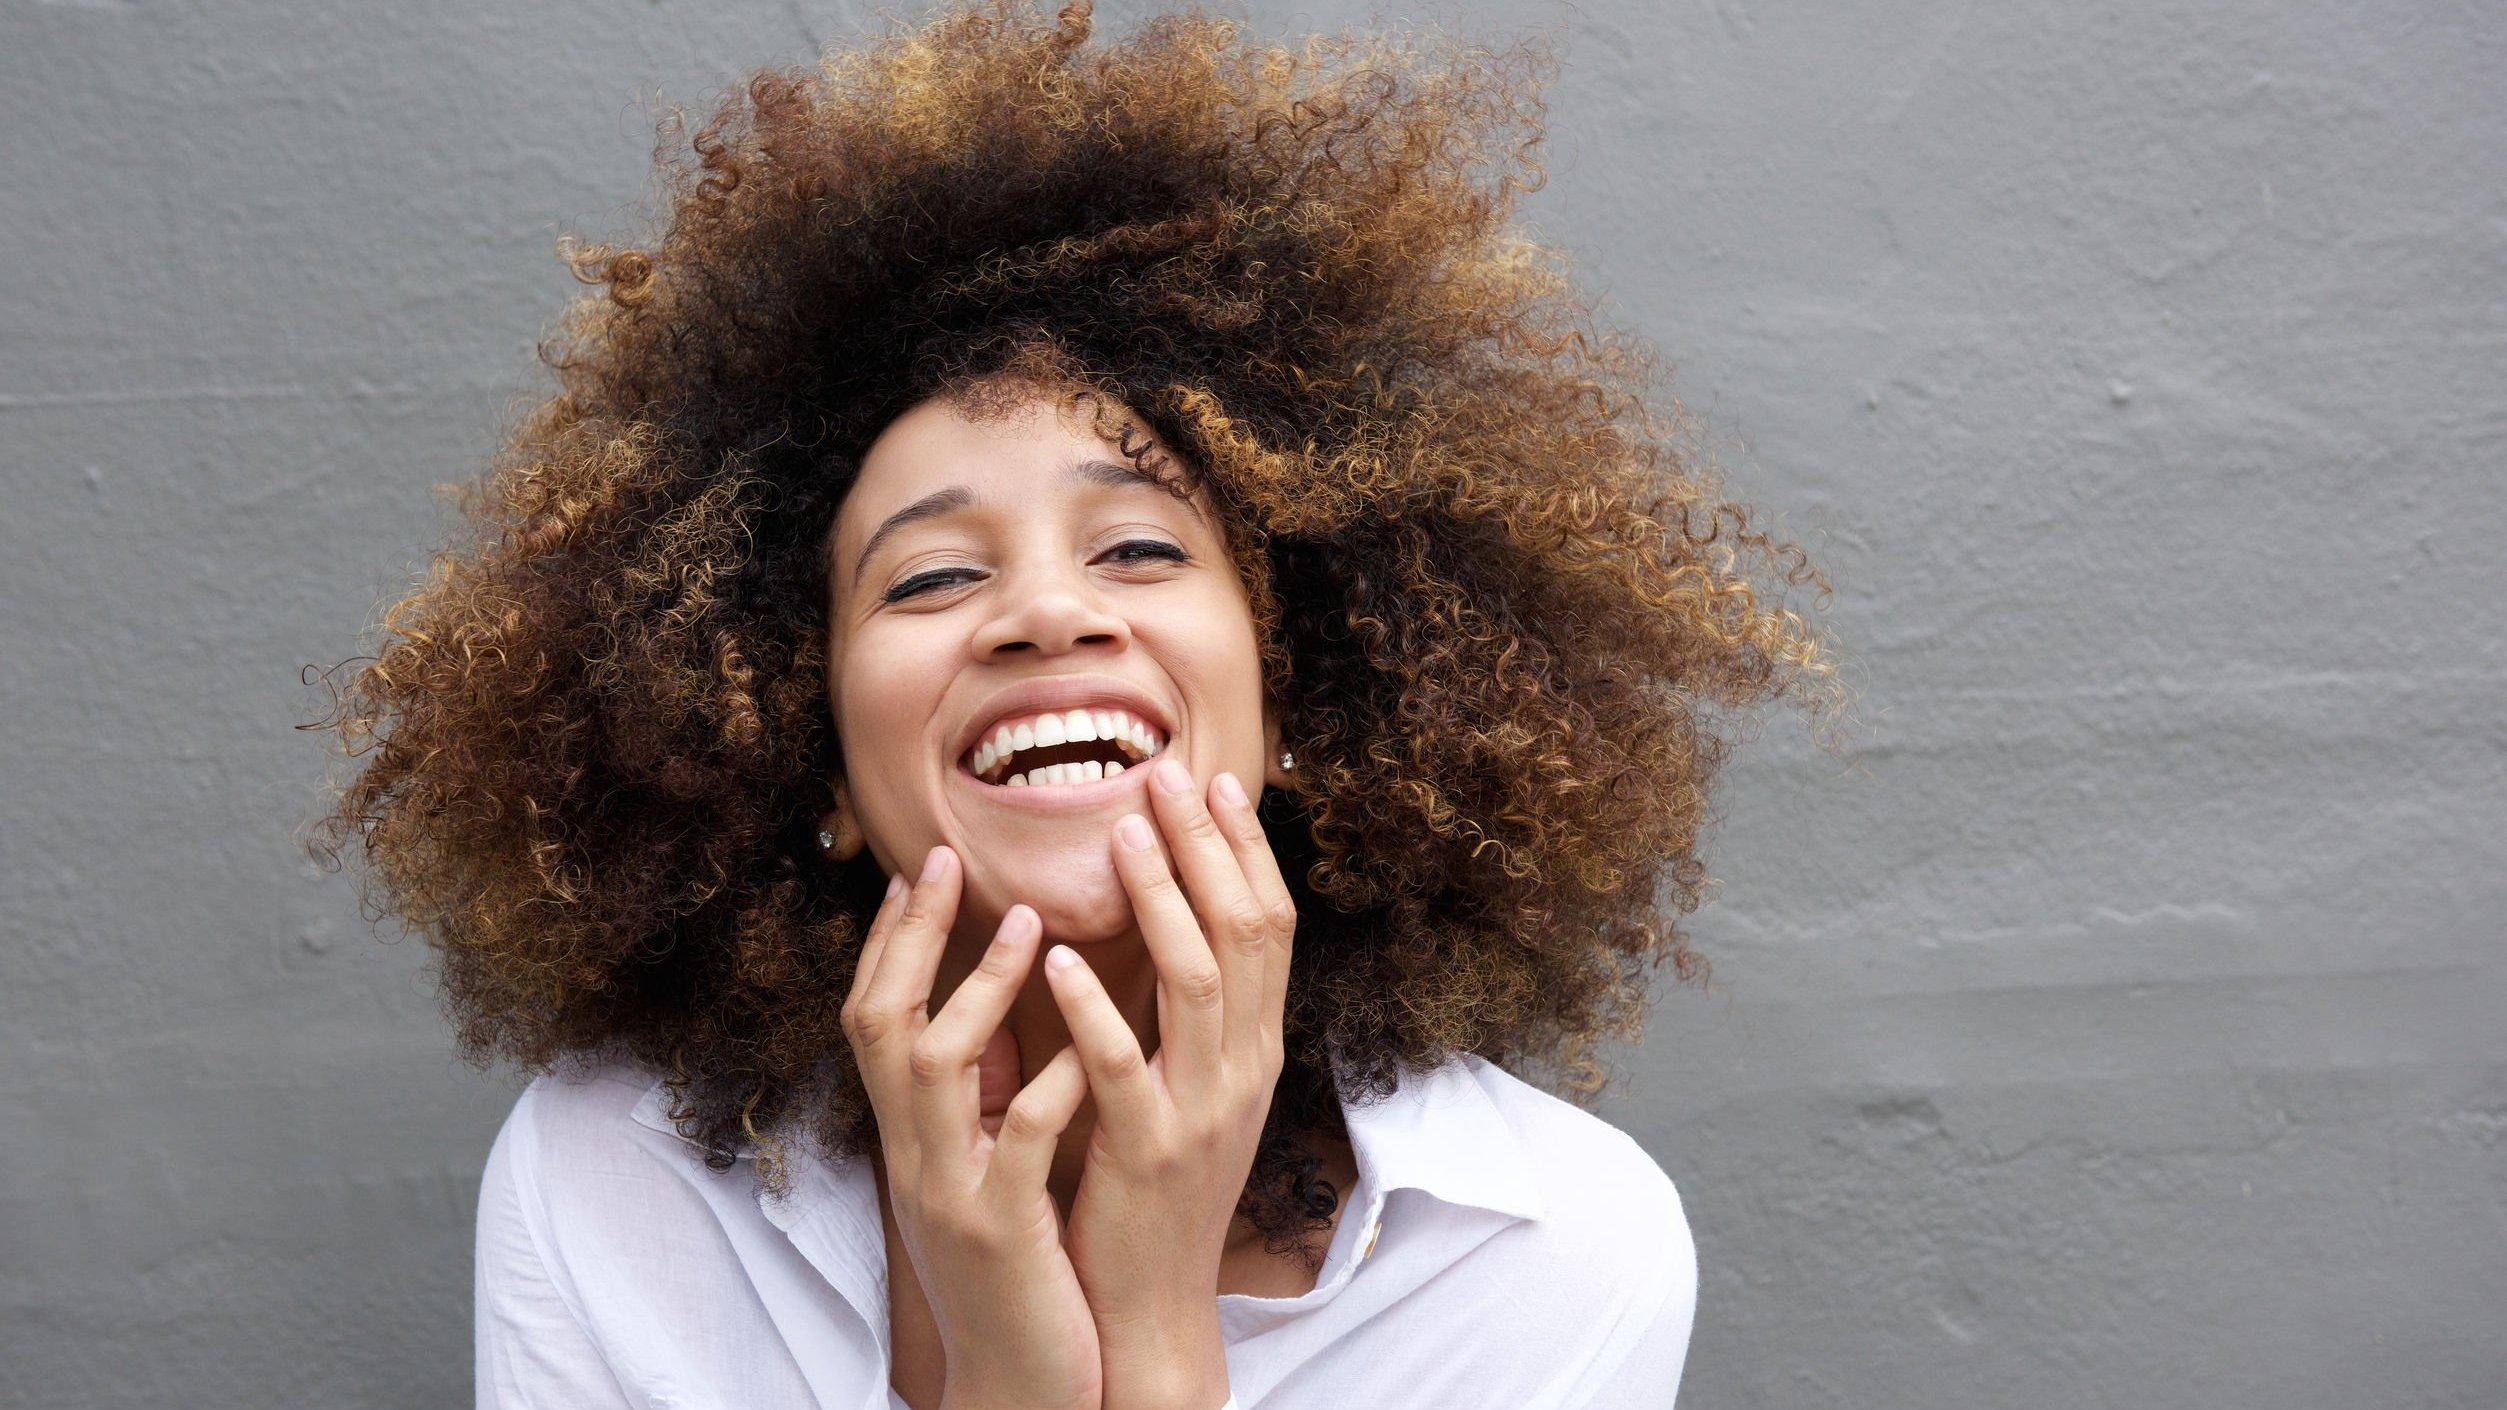 Mulher sorrindo com suas mãos no rosto